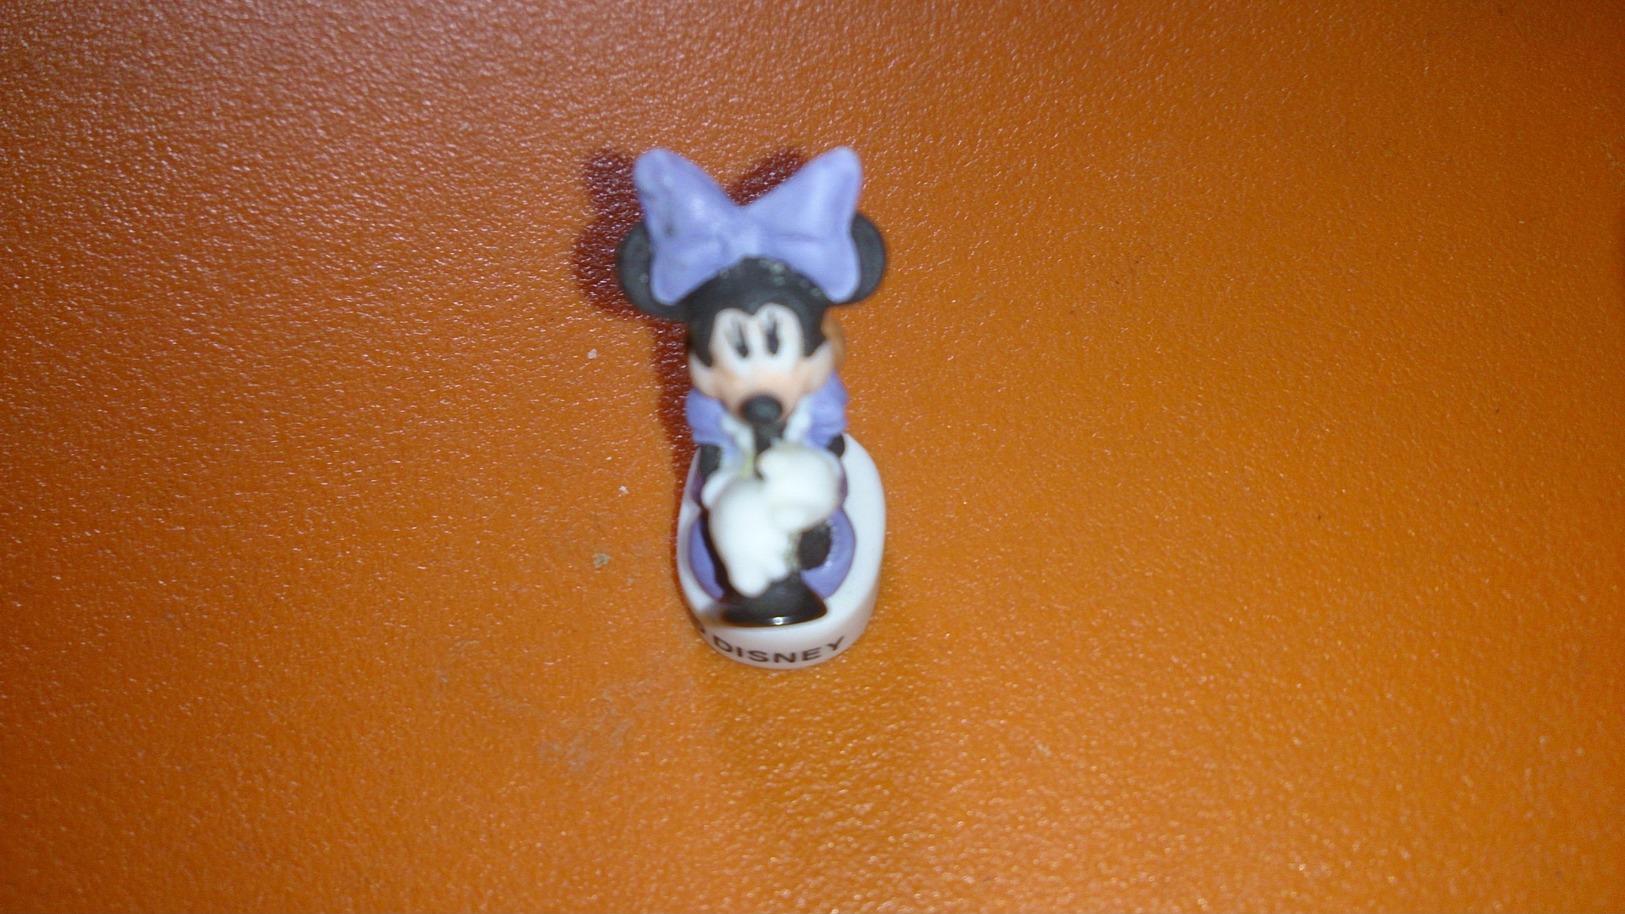 FEVE MICKEY SYMPHONIE OR MINNIE 2008 - Disney